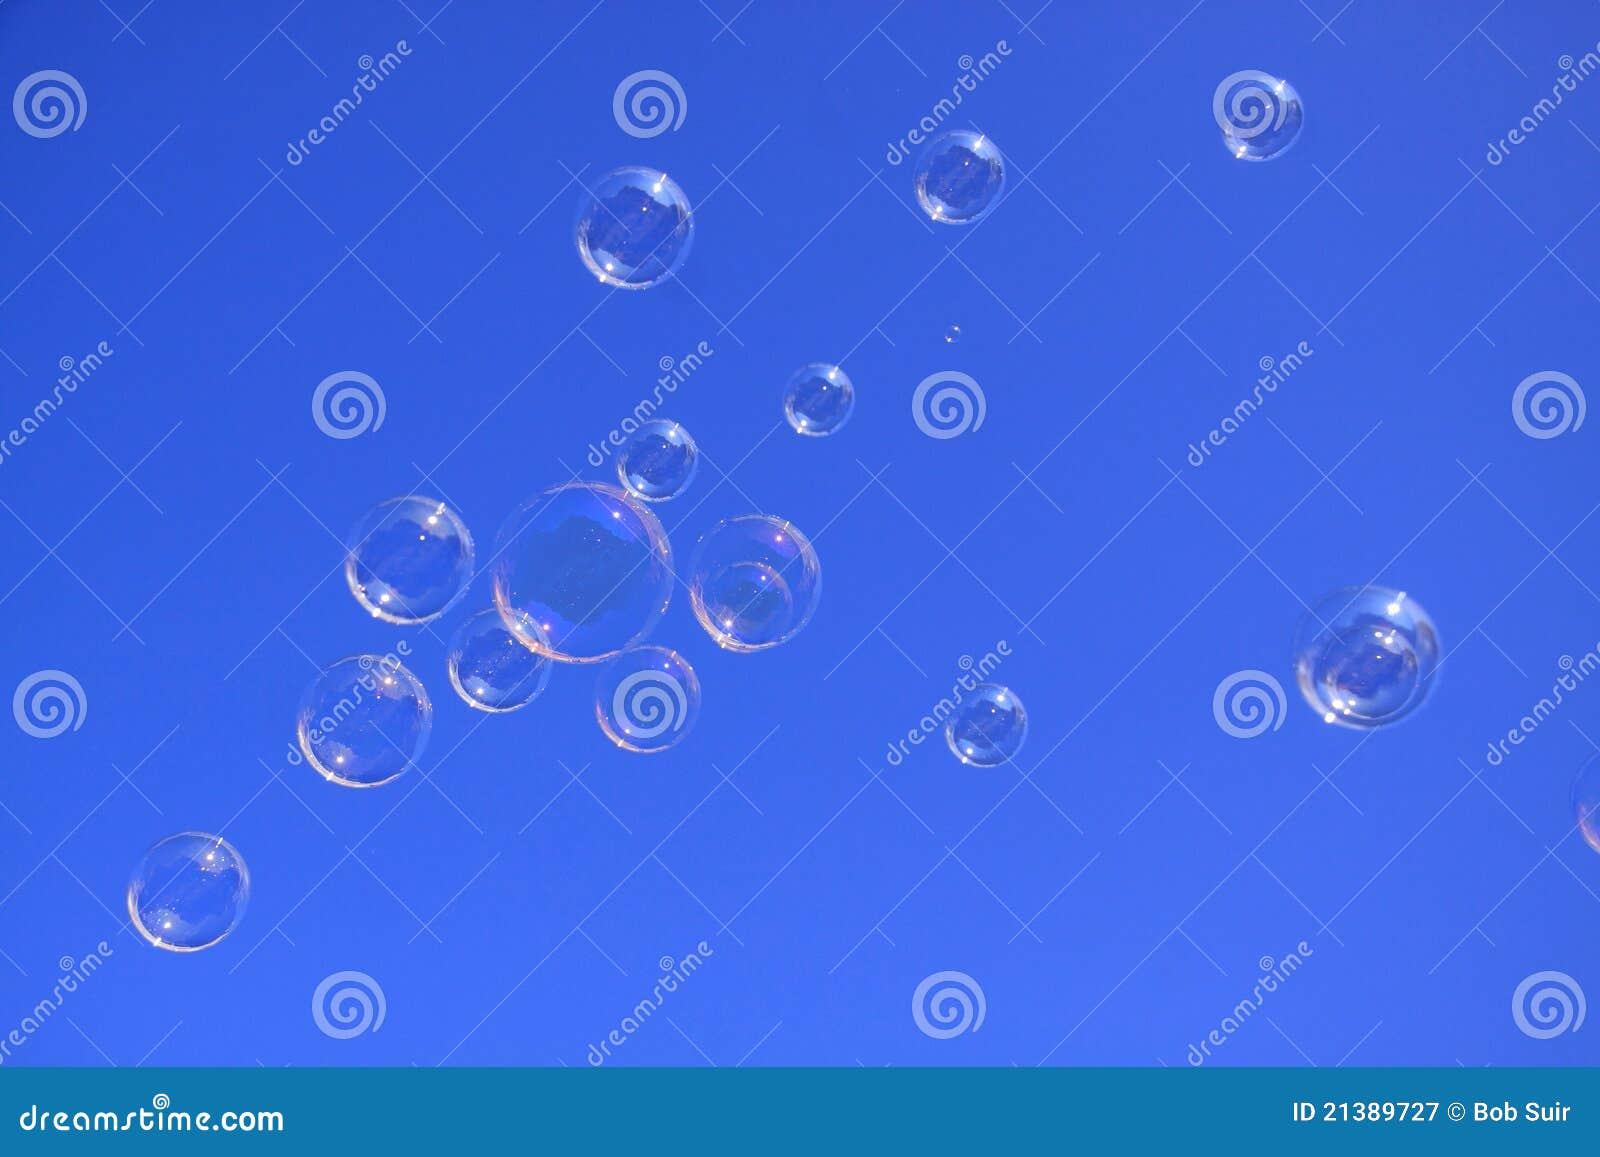 Bulles de savon dans le ciel bleu